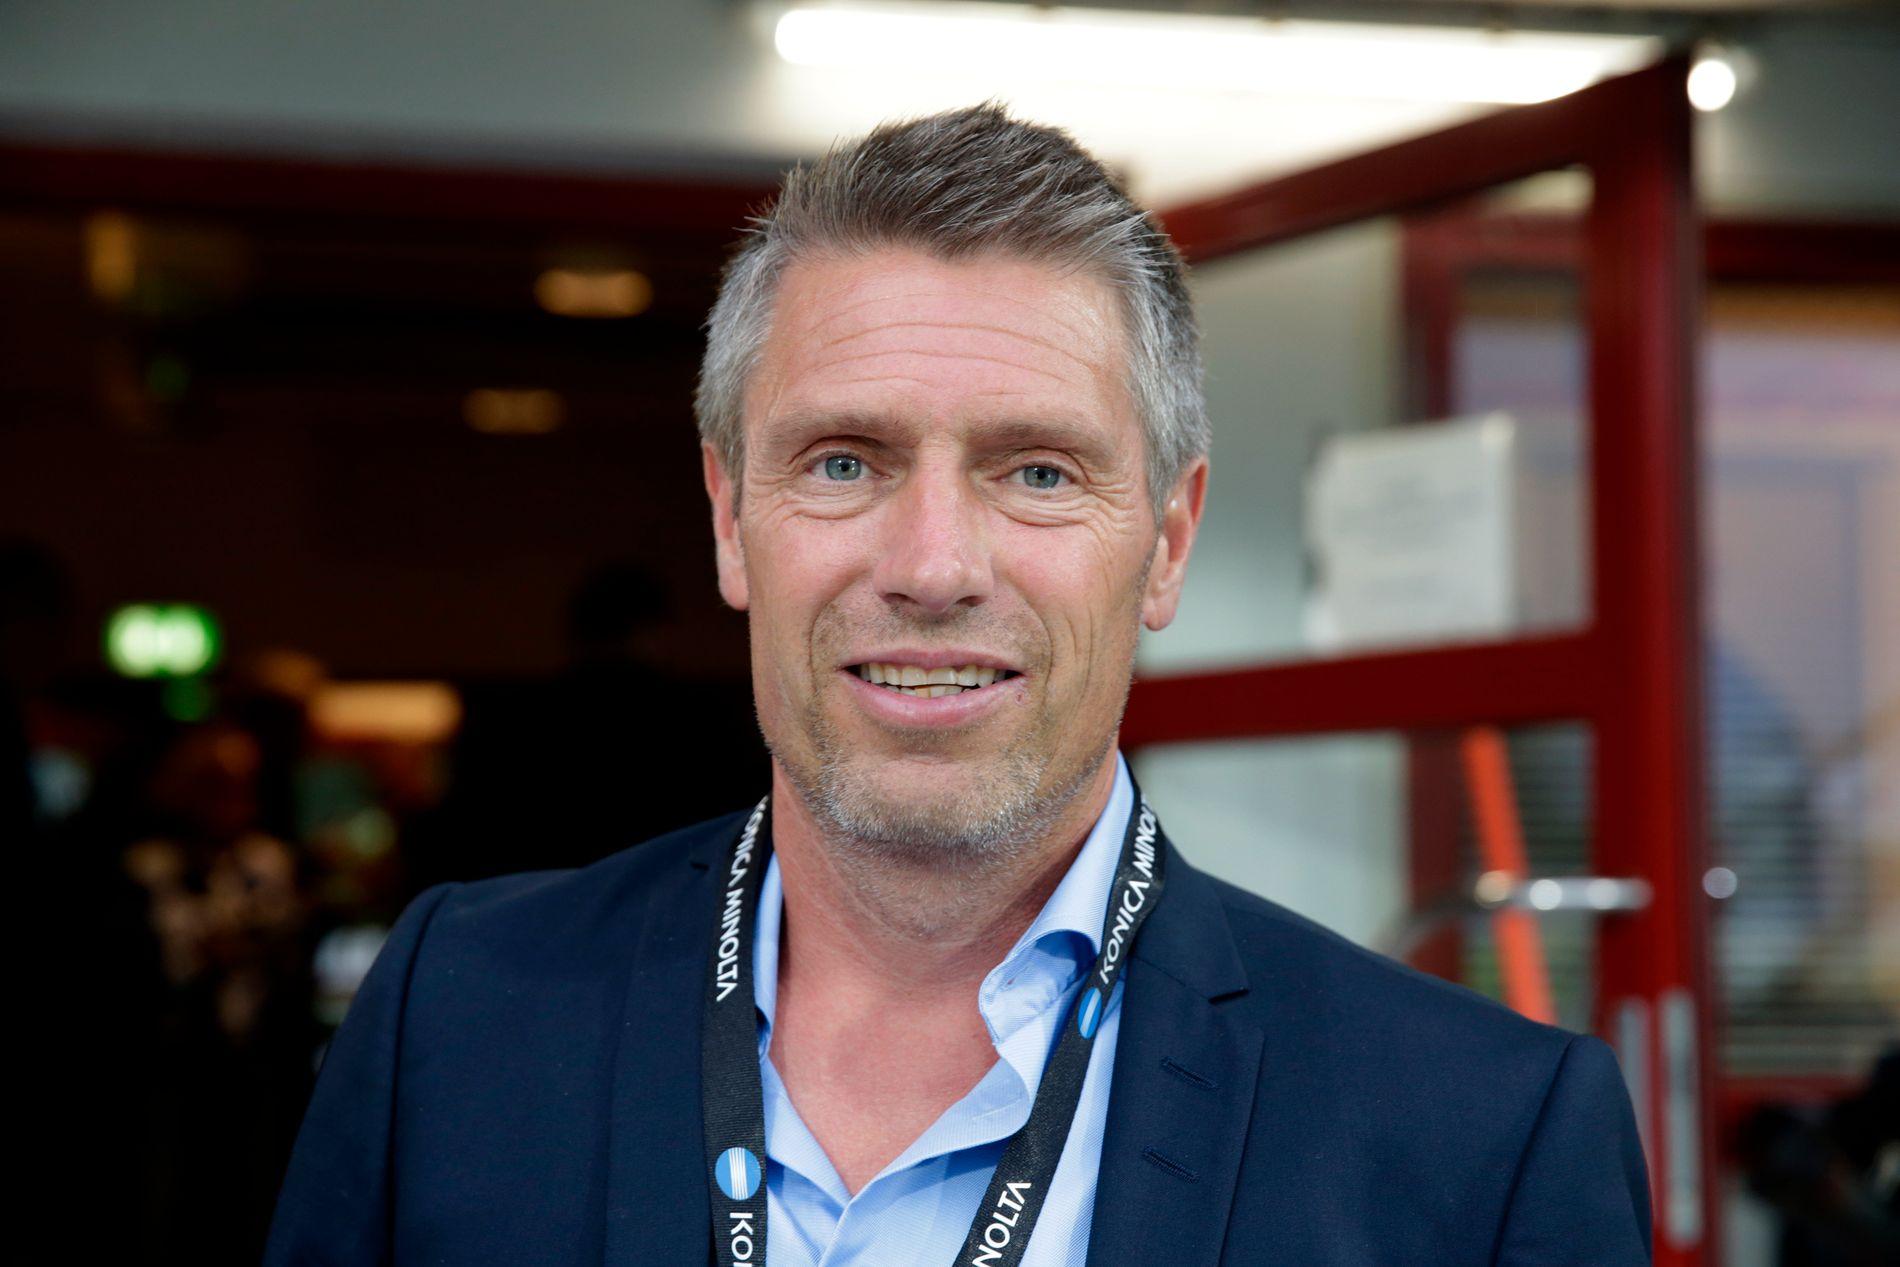 KRITISK TIL KRITIKKEN: Sportssjef i Sarpsborg 08, Thomas Berntsen, mener at man ikke er flinke nok til å snakke opp produktet norsk fotball. Her er han avbildet i forbindelse med en kamp mot Start på Sarpsborg stadion i 2016.